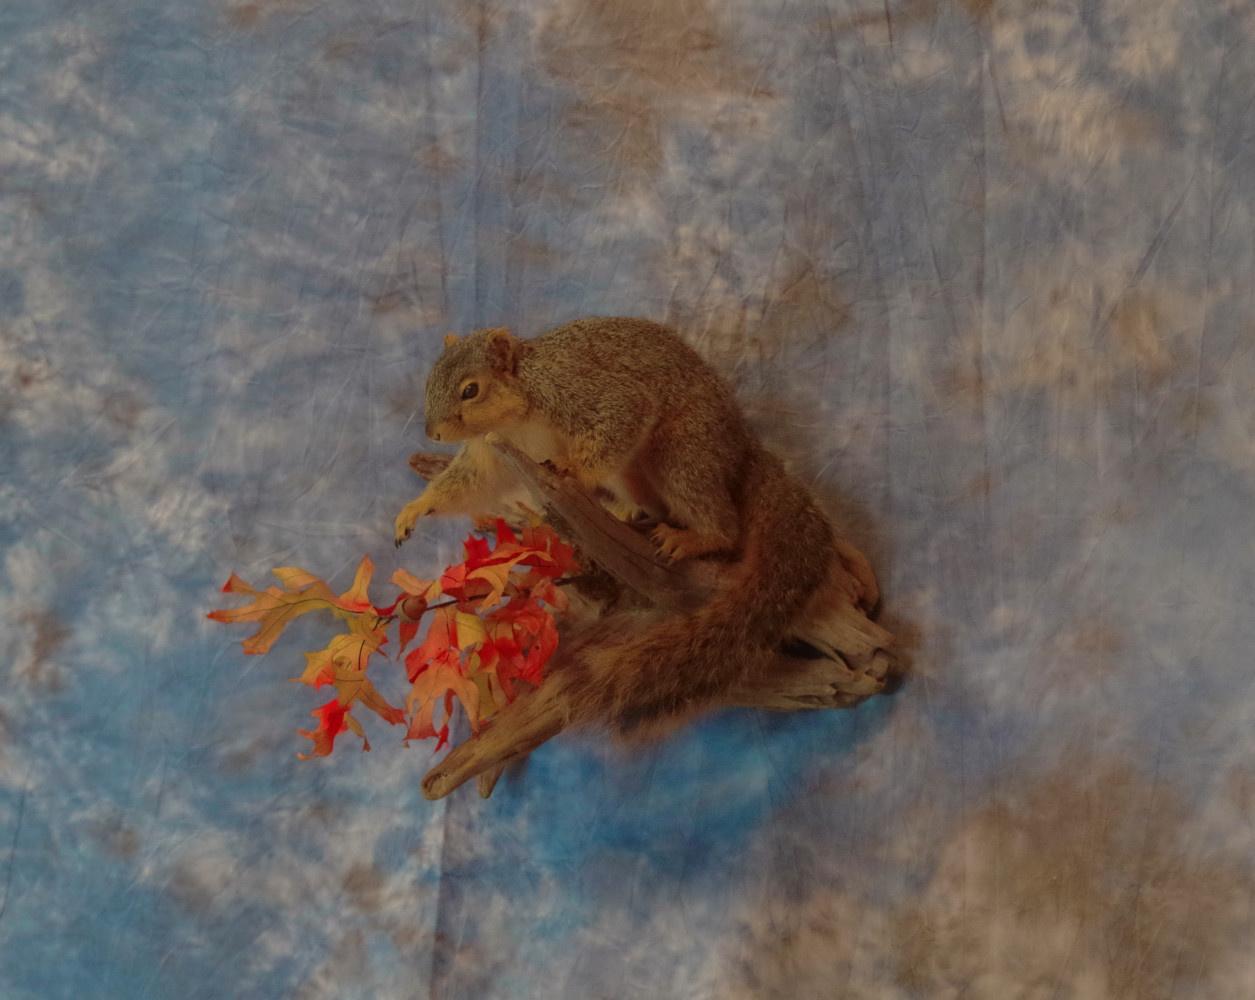 Fox squirrel taxidermy